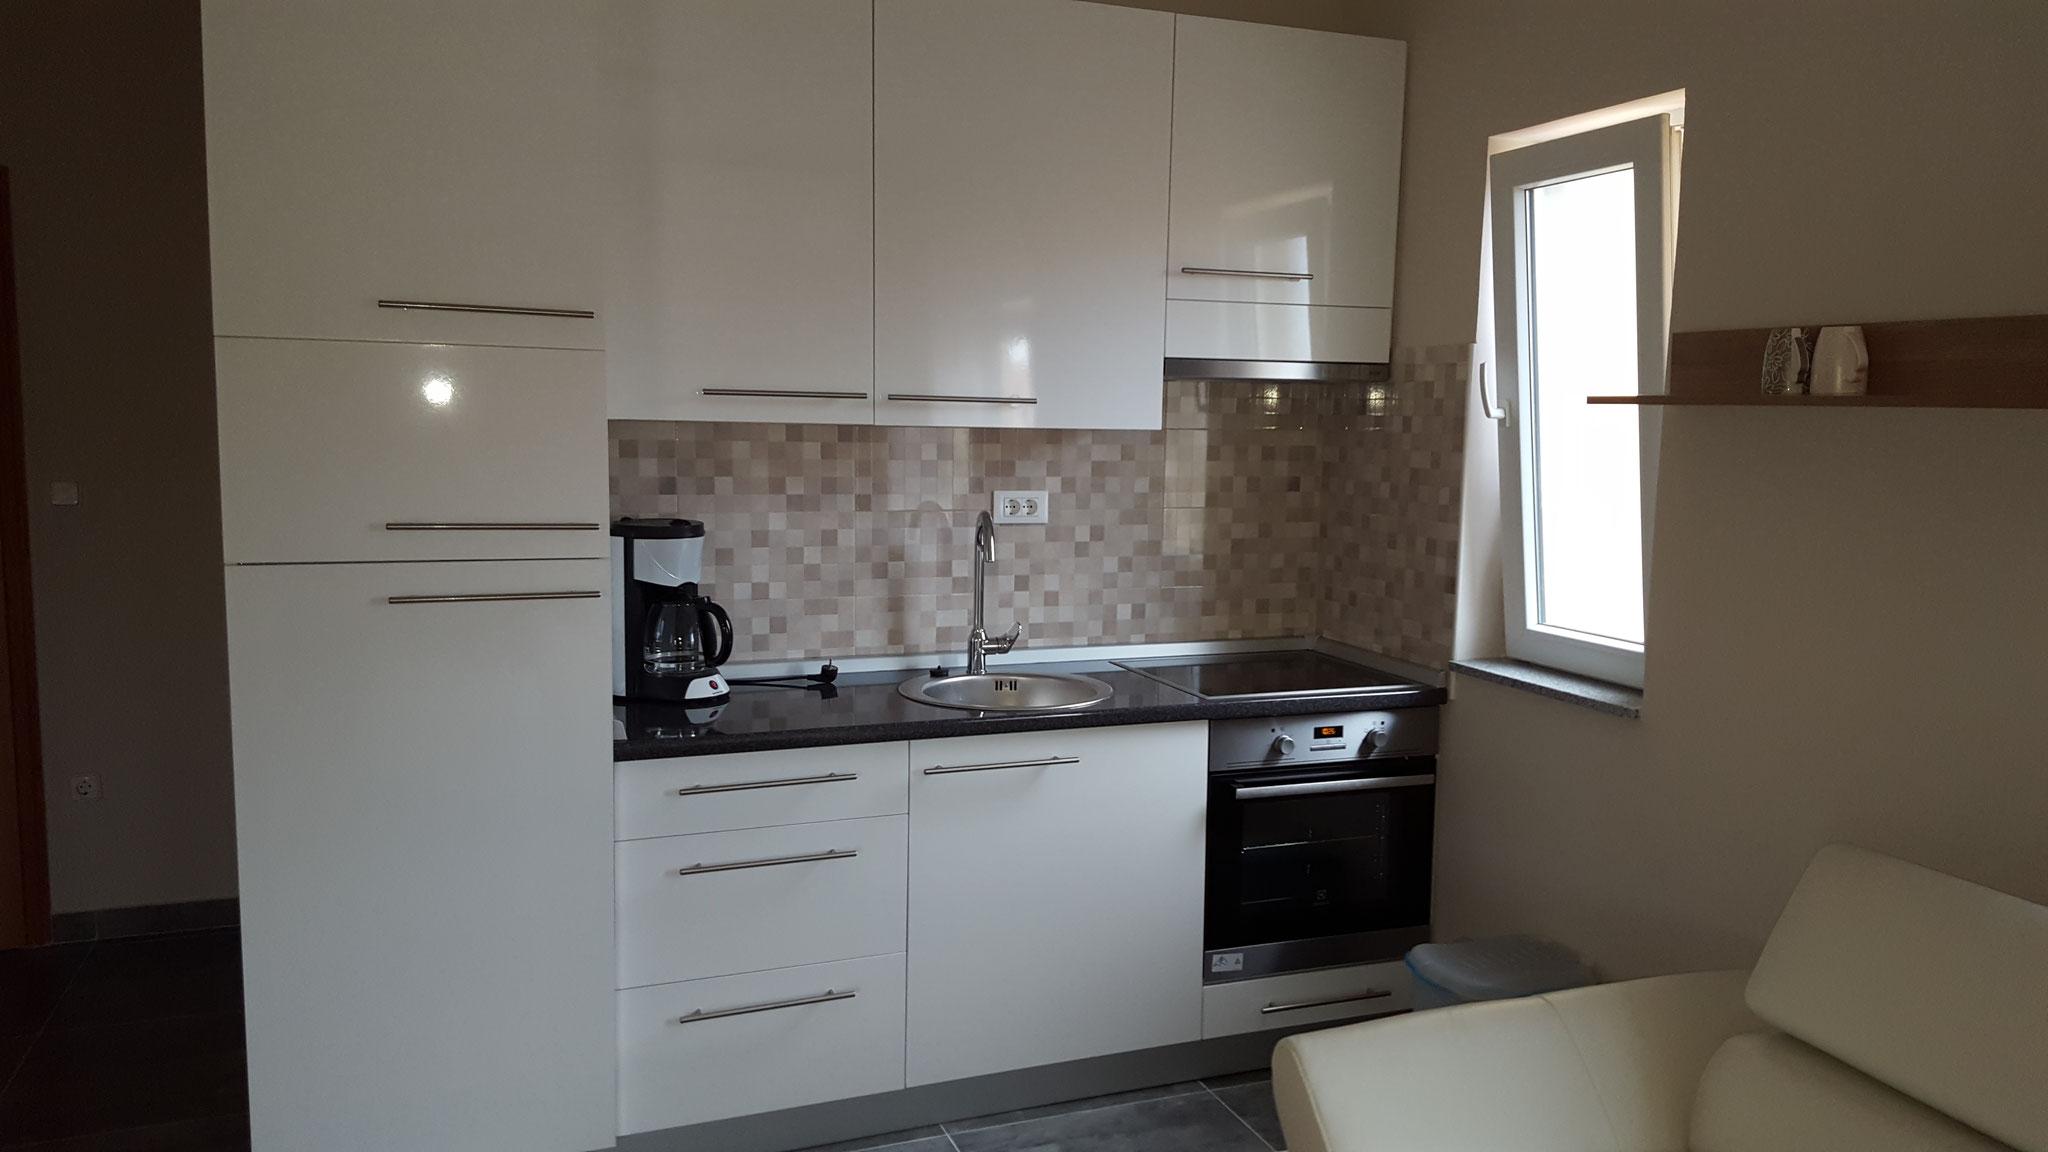 Küche mit Backofen, 4-Platten Ceranfeld, Mikrowelle, Küch-Gefrierschrank, Kaffeemaschine & Wasserkocher, samt Töpfe und Geschirr